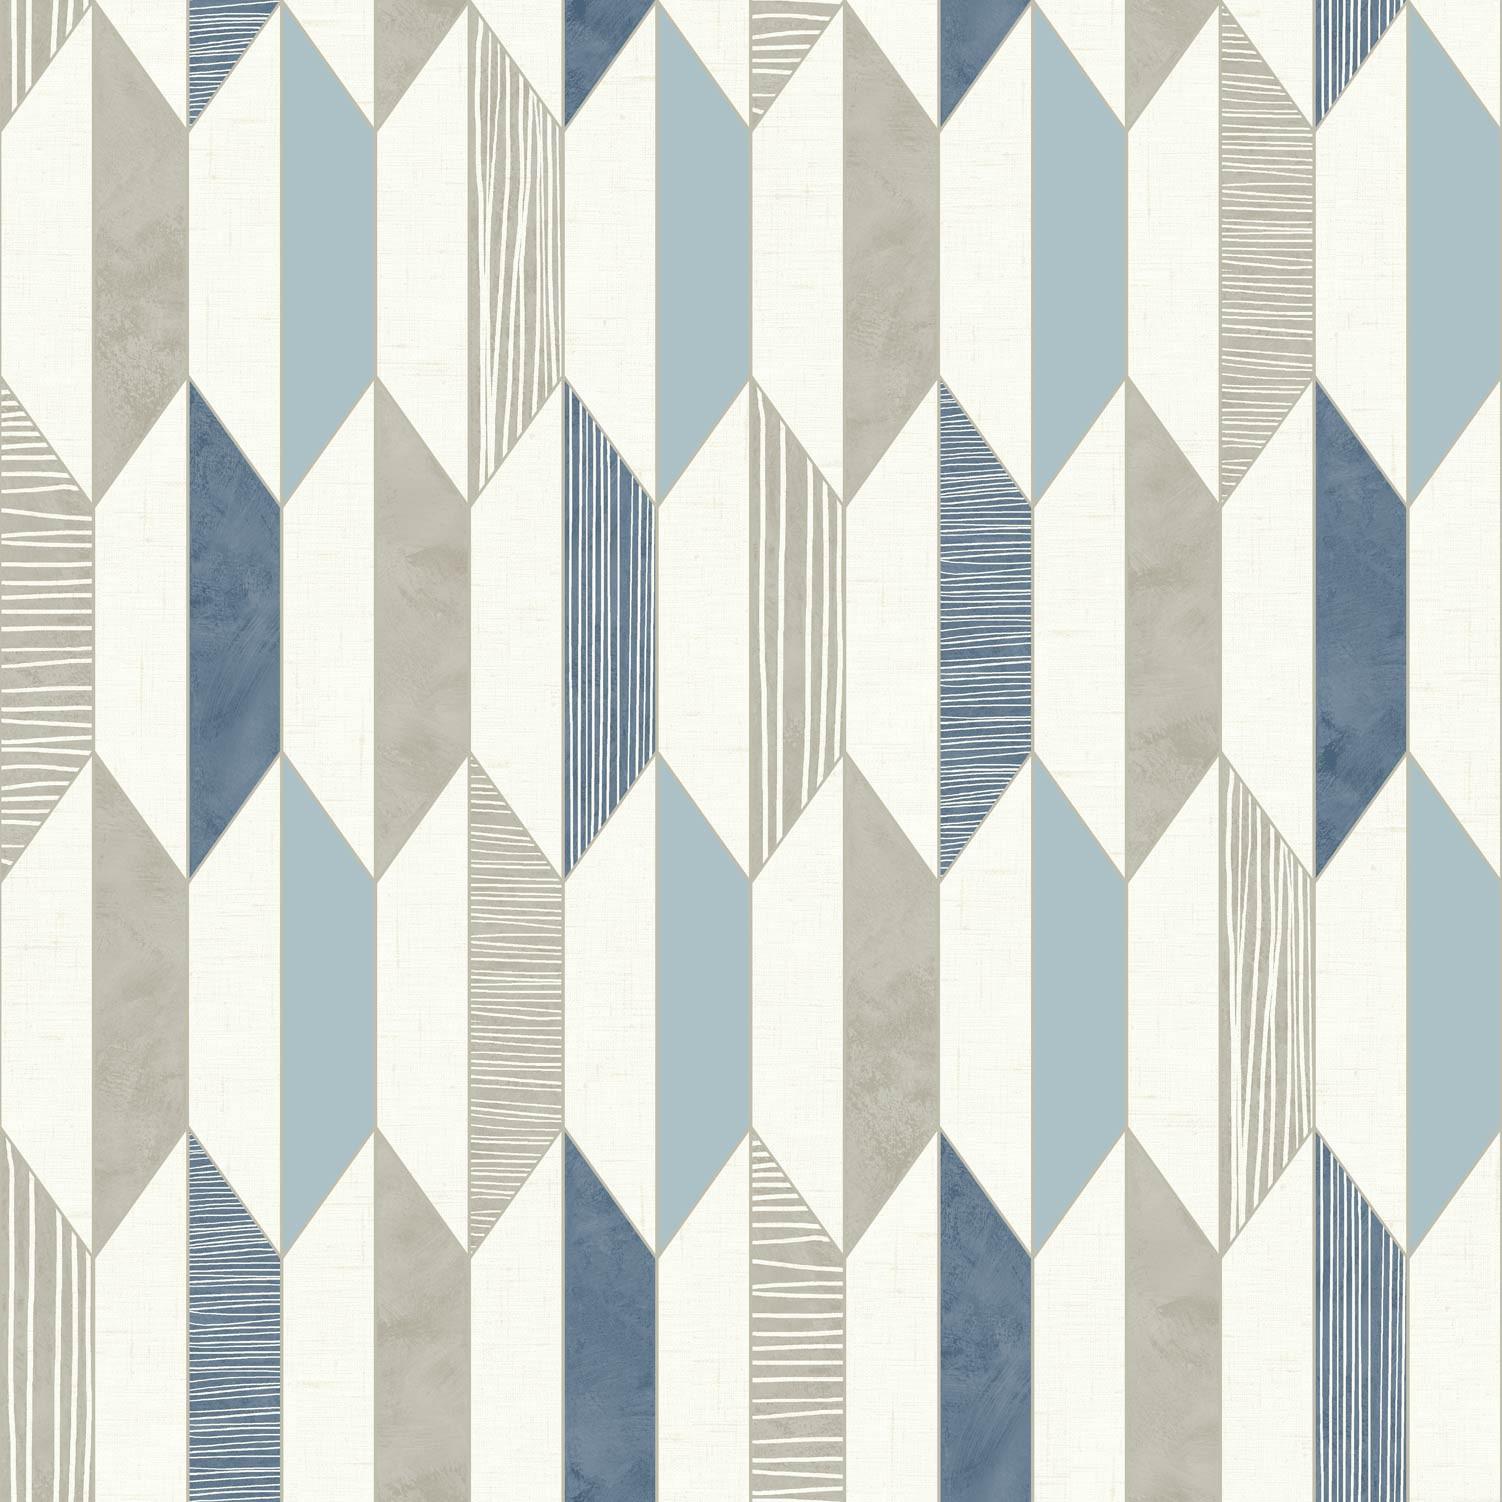 Papier Peint 3d Formes Géométriques : D geometric wallpaper retro vintage vinyl diamonds lines